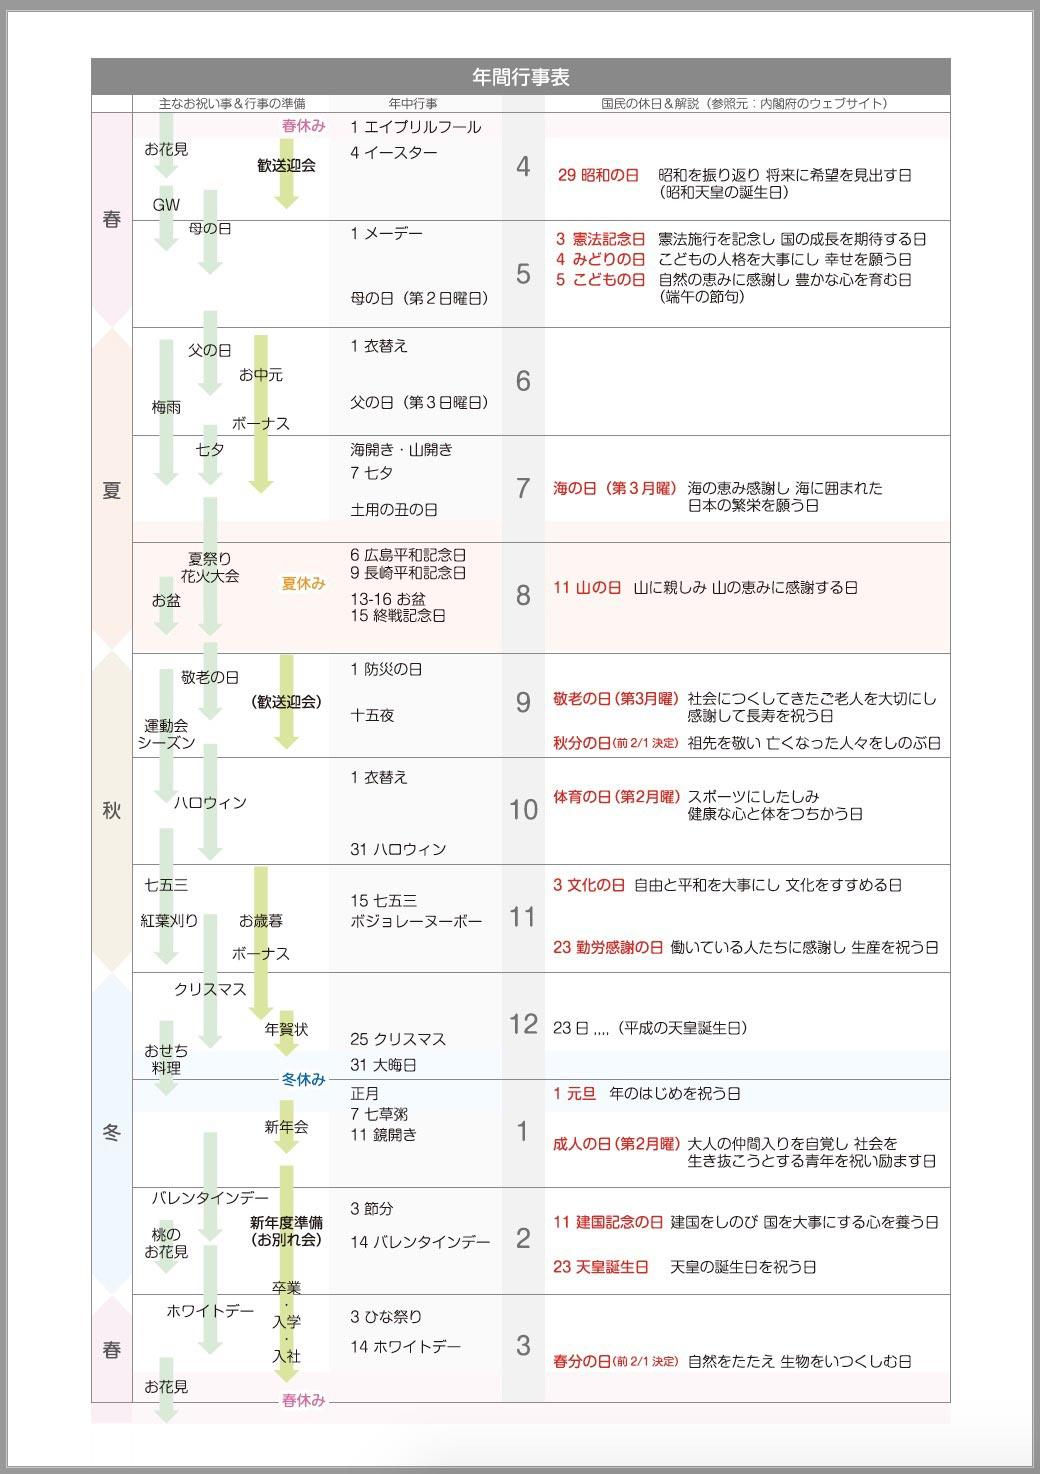 2020年度の祝日&年中行事表[PDF無料ダウンロード]